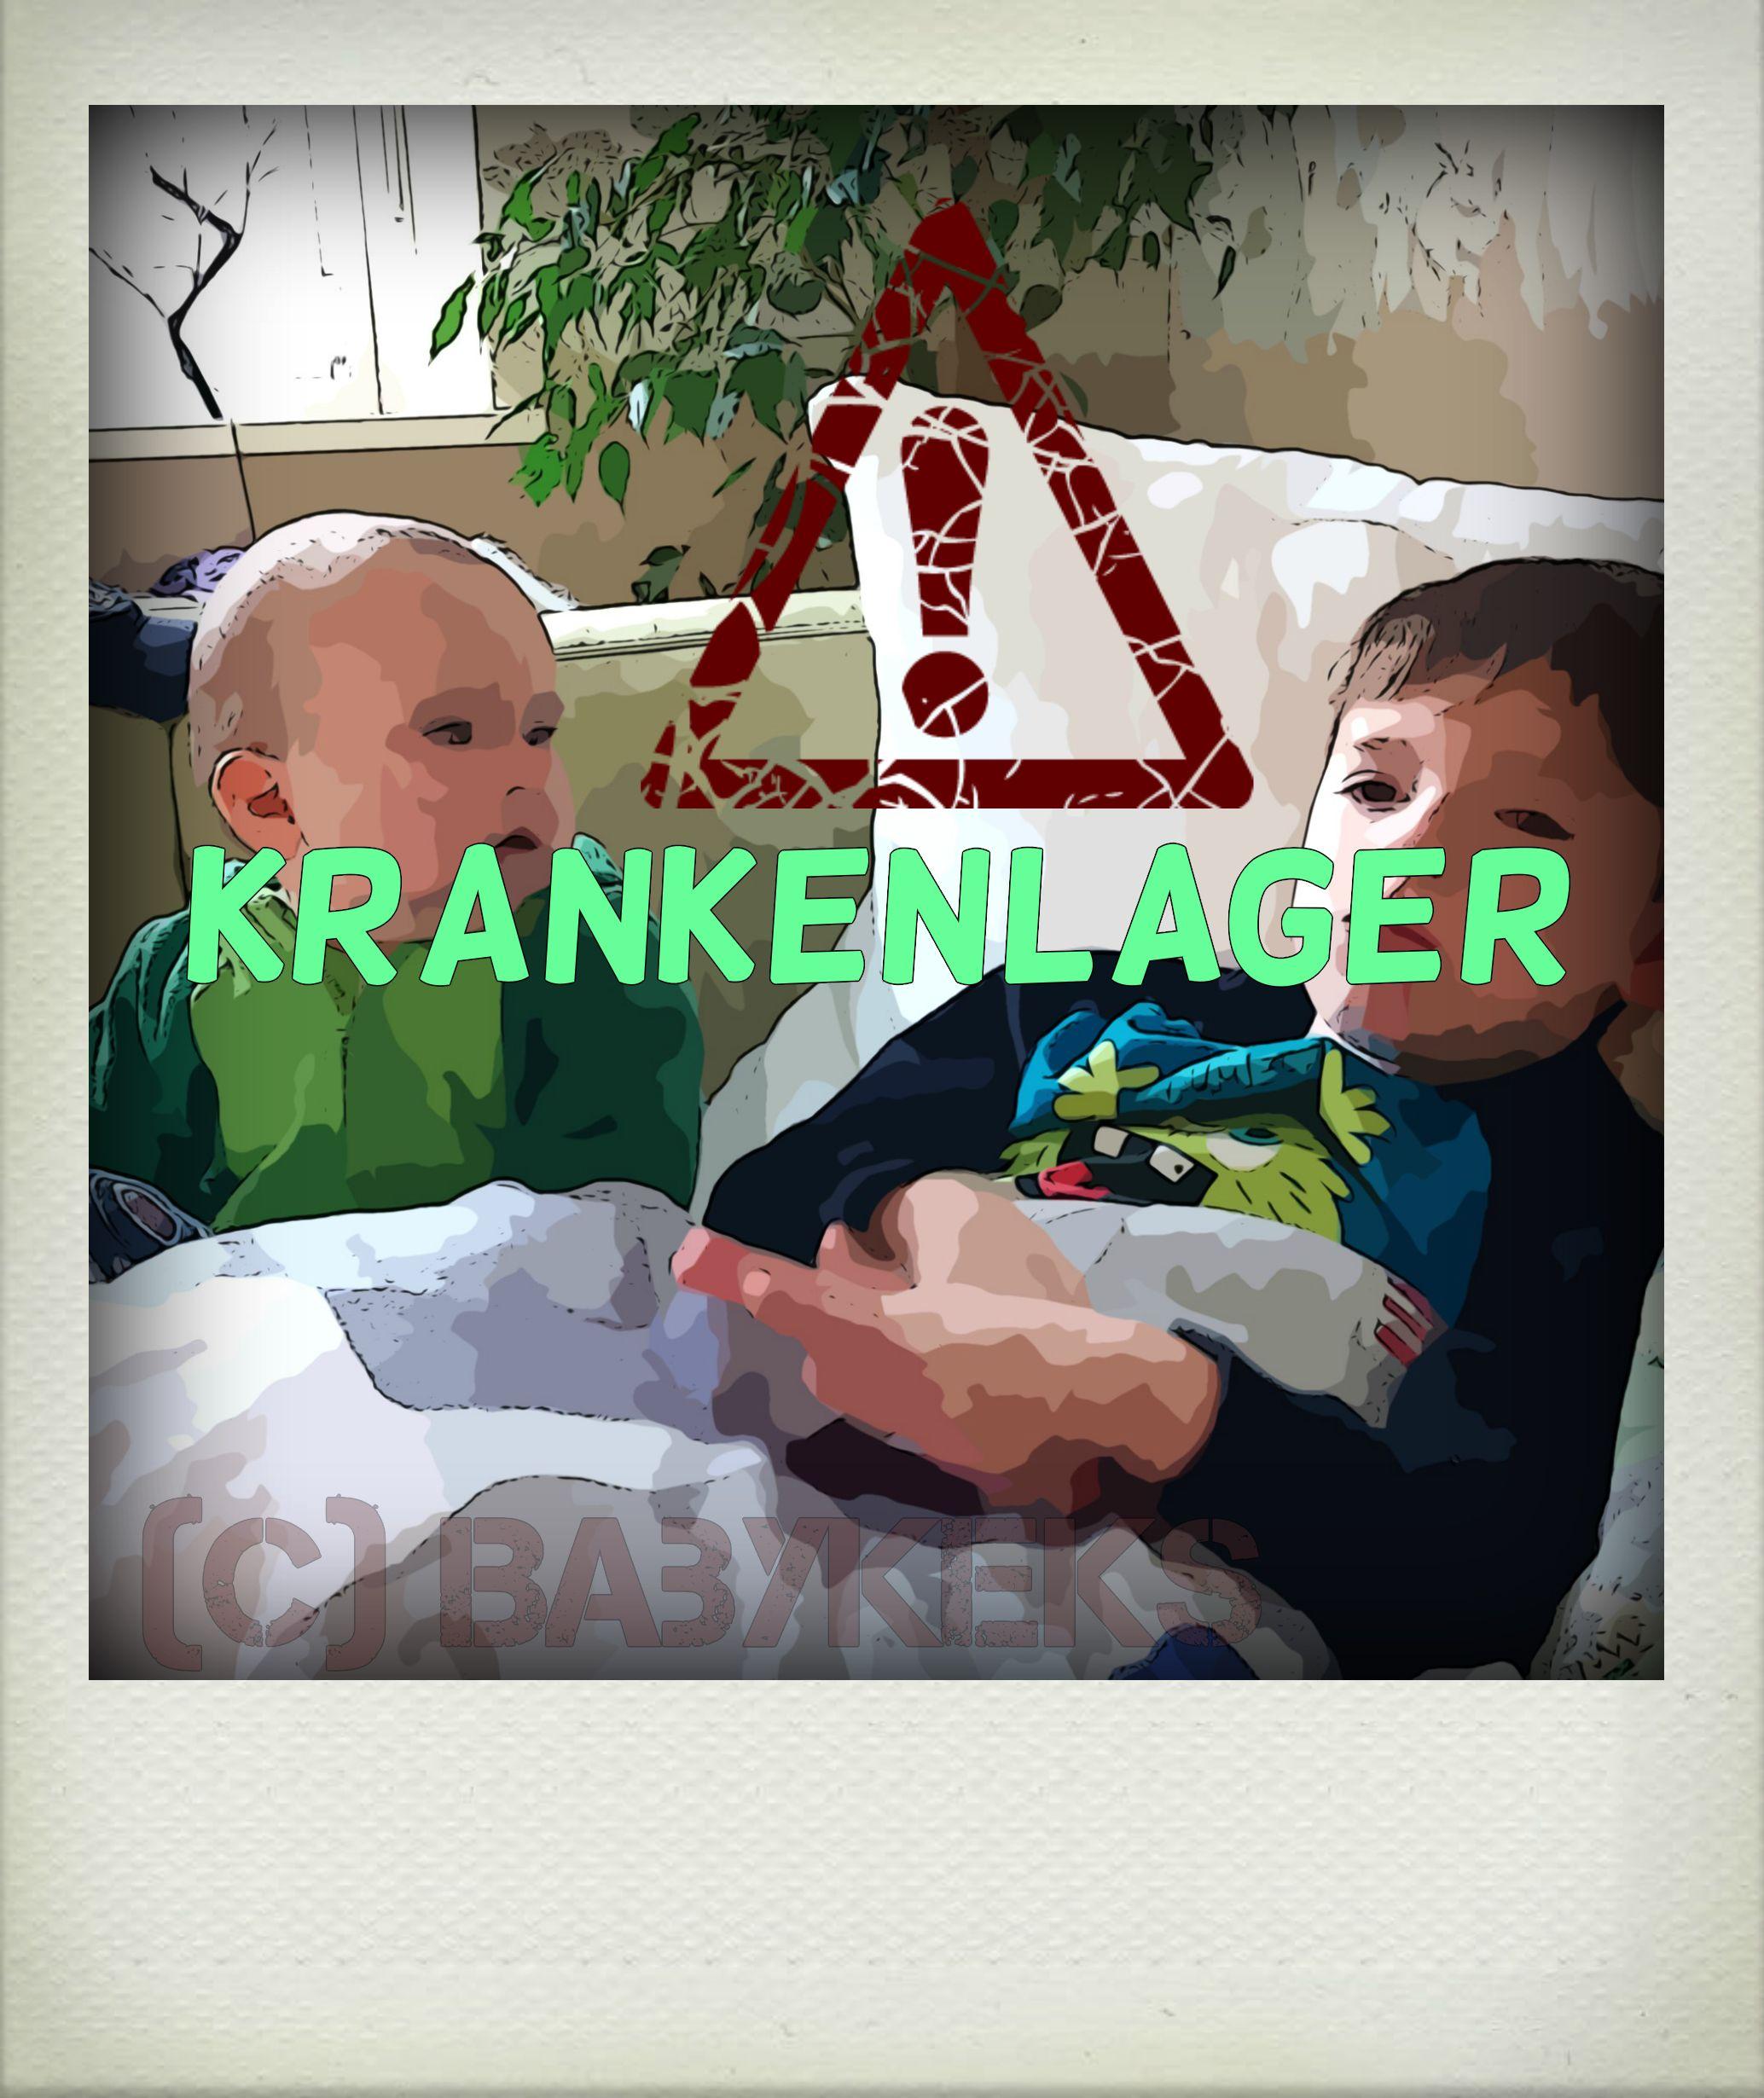 Babykeks_Blog_Krankenlager.jpg